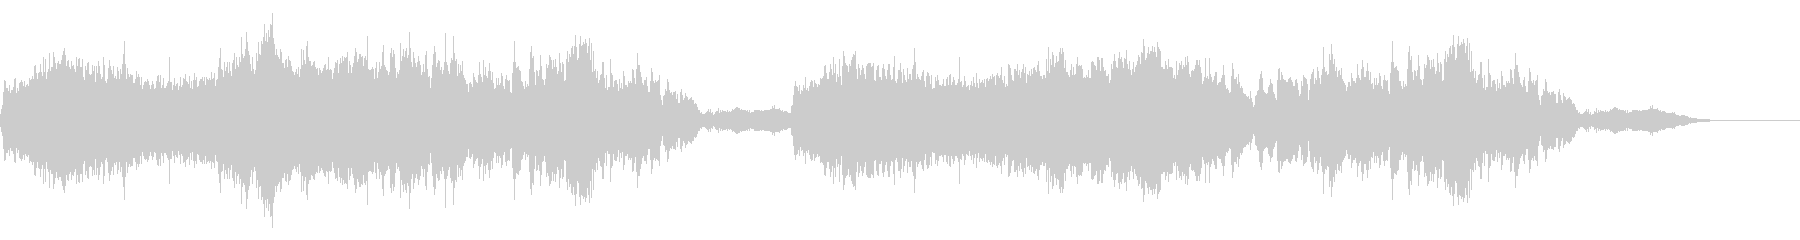 異世界税務署の音楽の未再生の波形